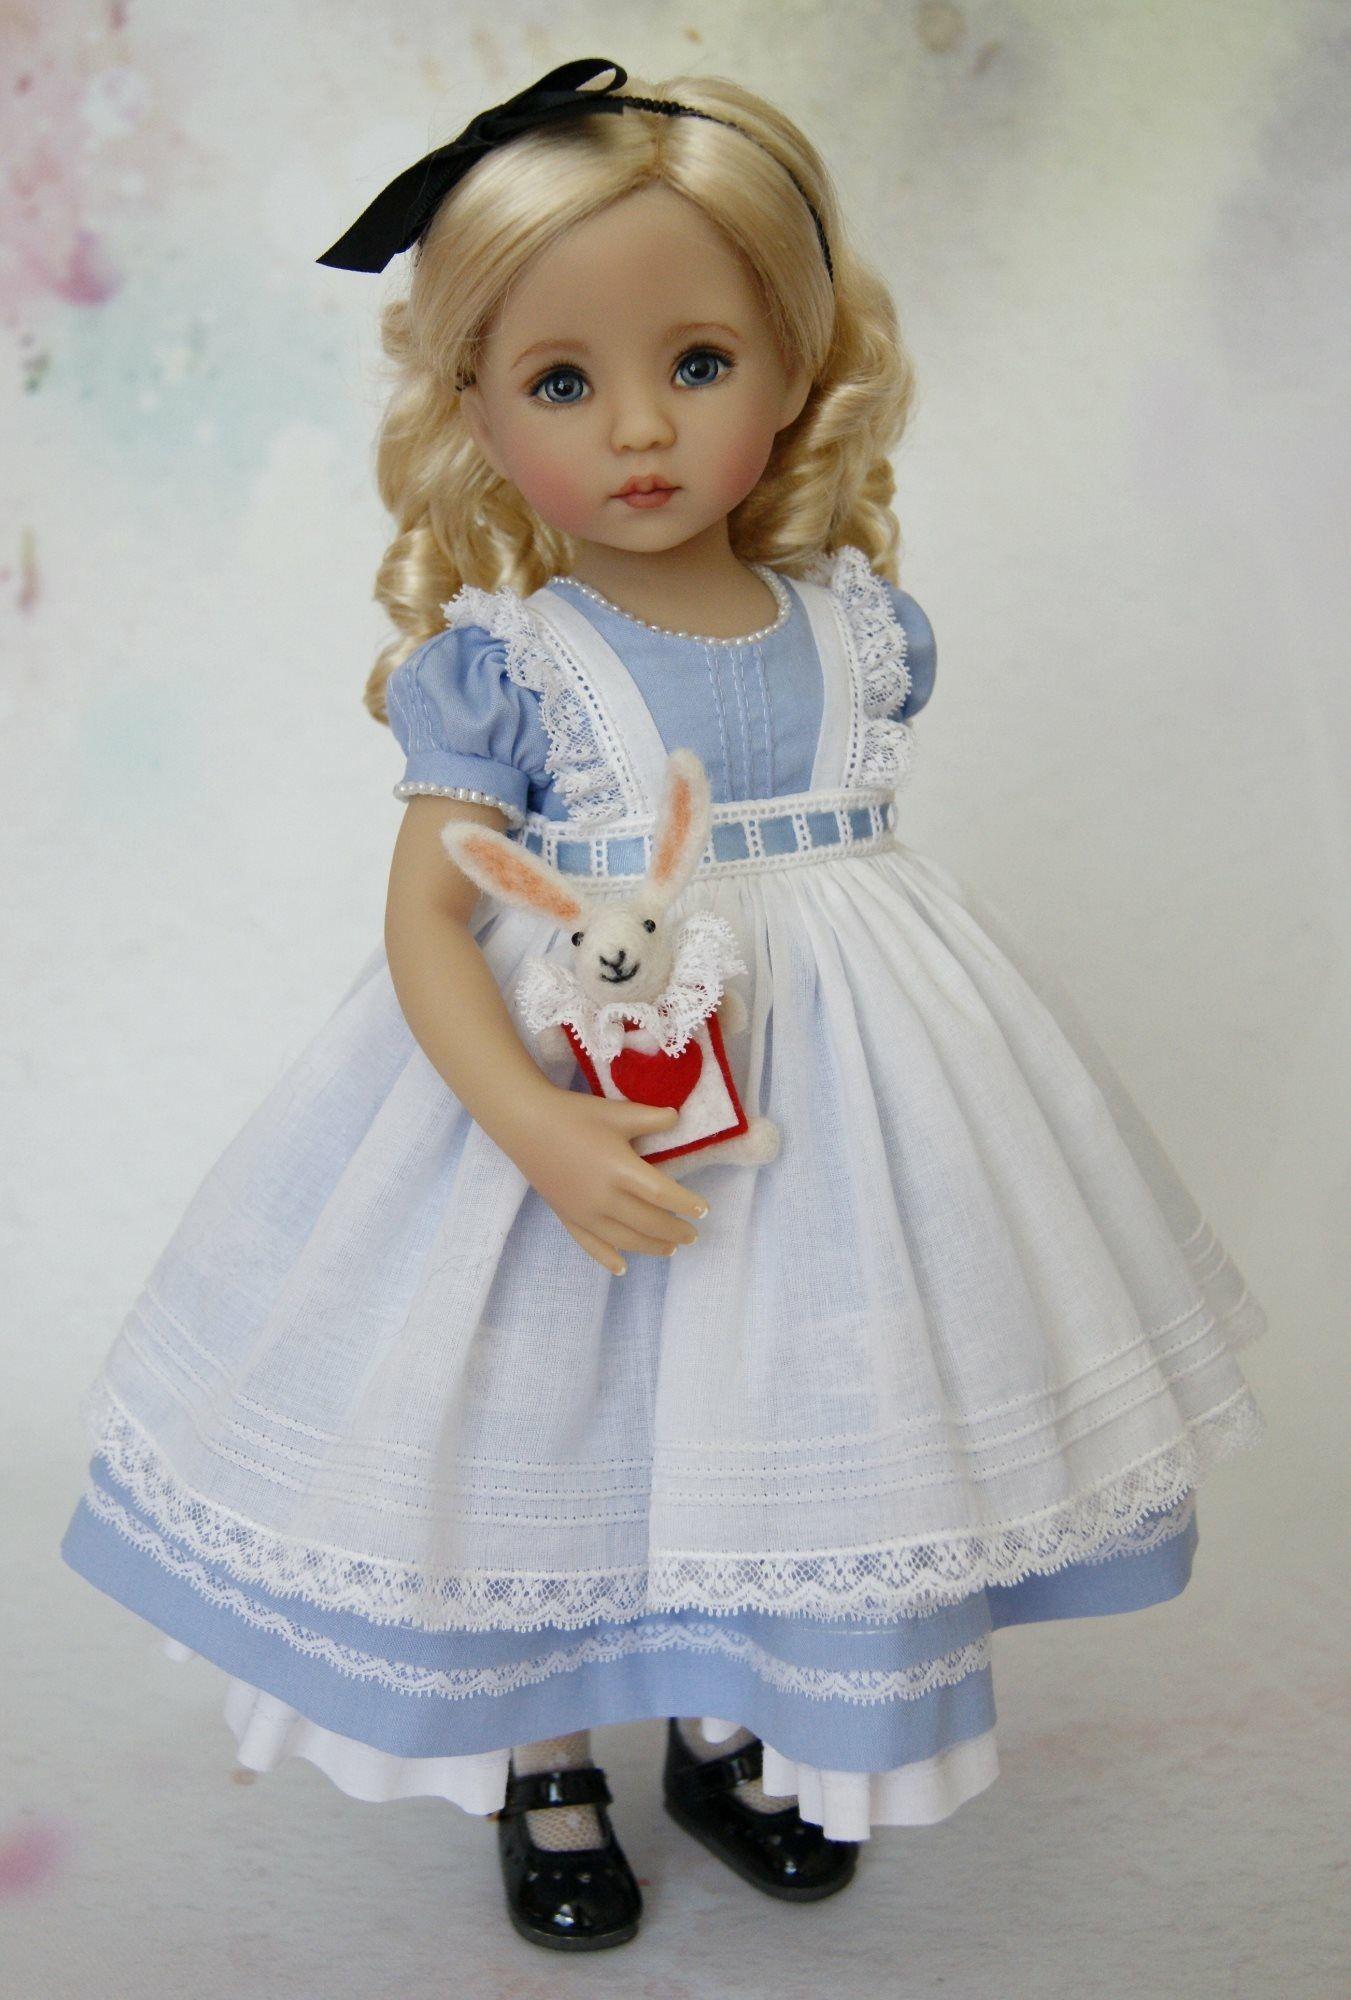 Pin von Evka auf Miniatúry - šaty - deti | Pinterest | Puppe